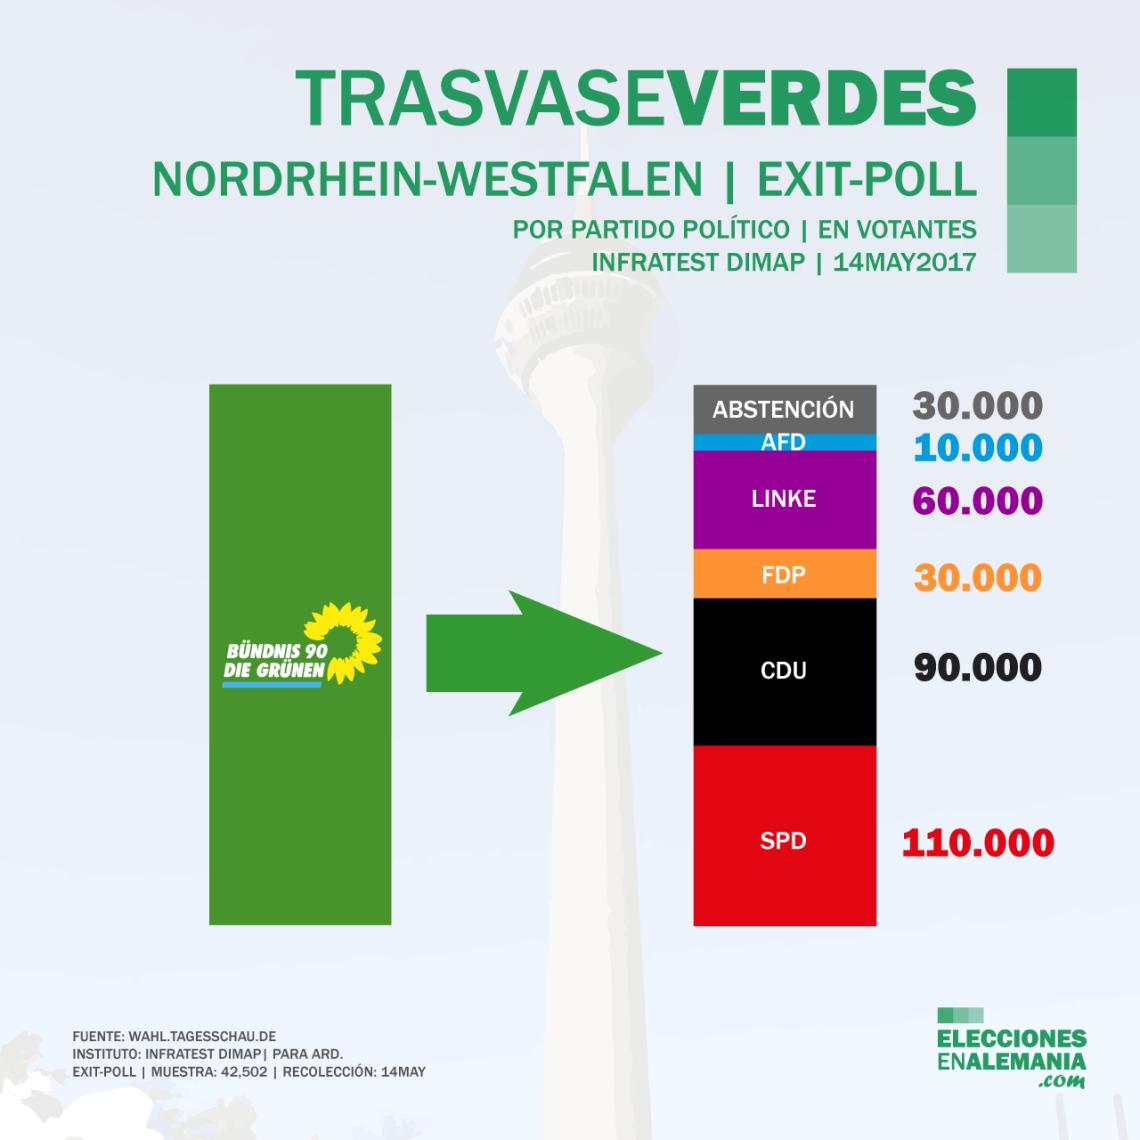 Elecciones-NRW-Alemania-Encuestas-2017-Trasvase-Verdes.png